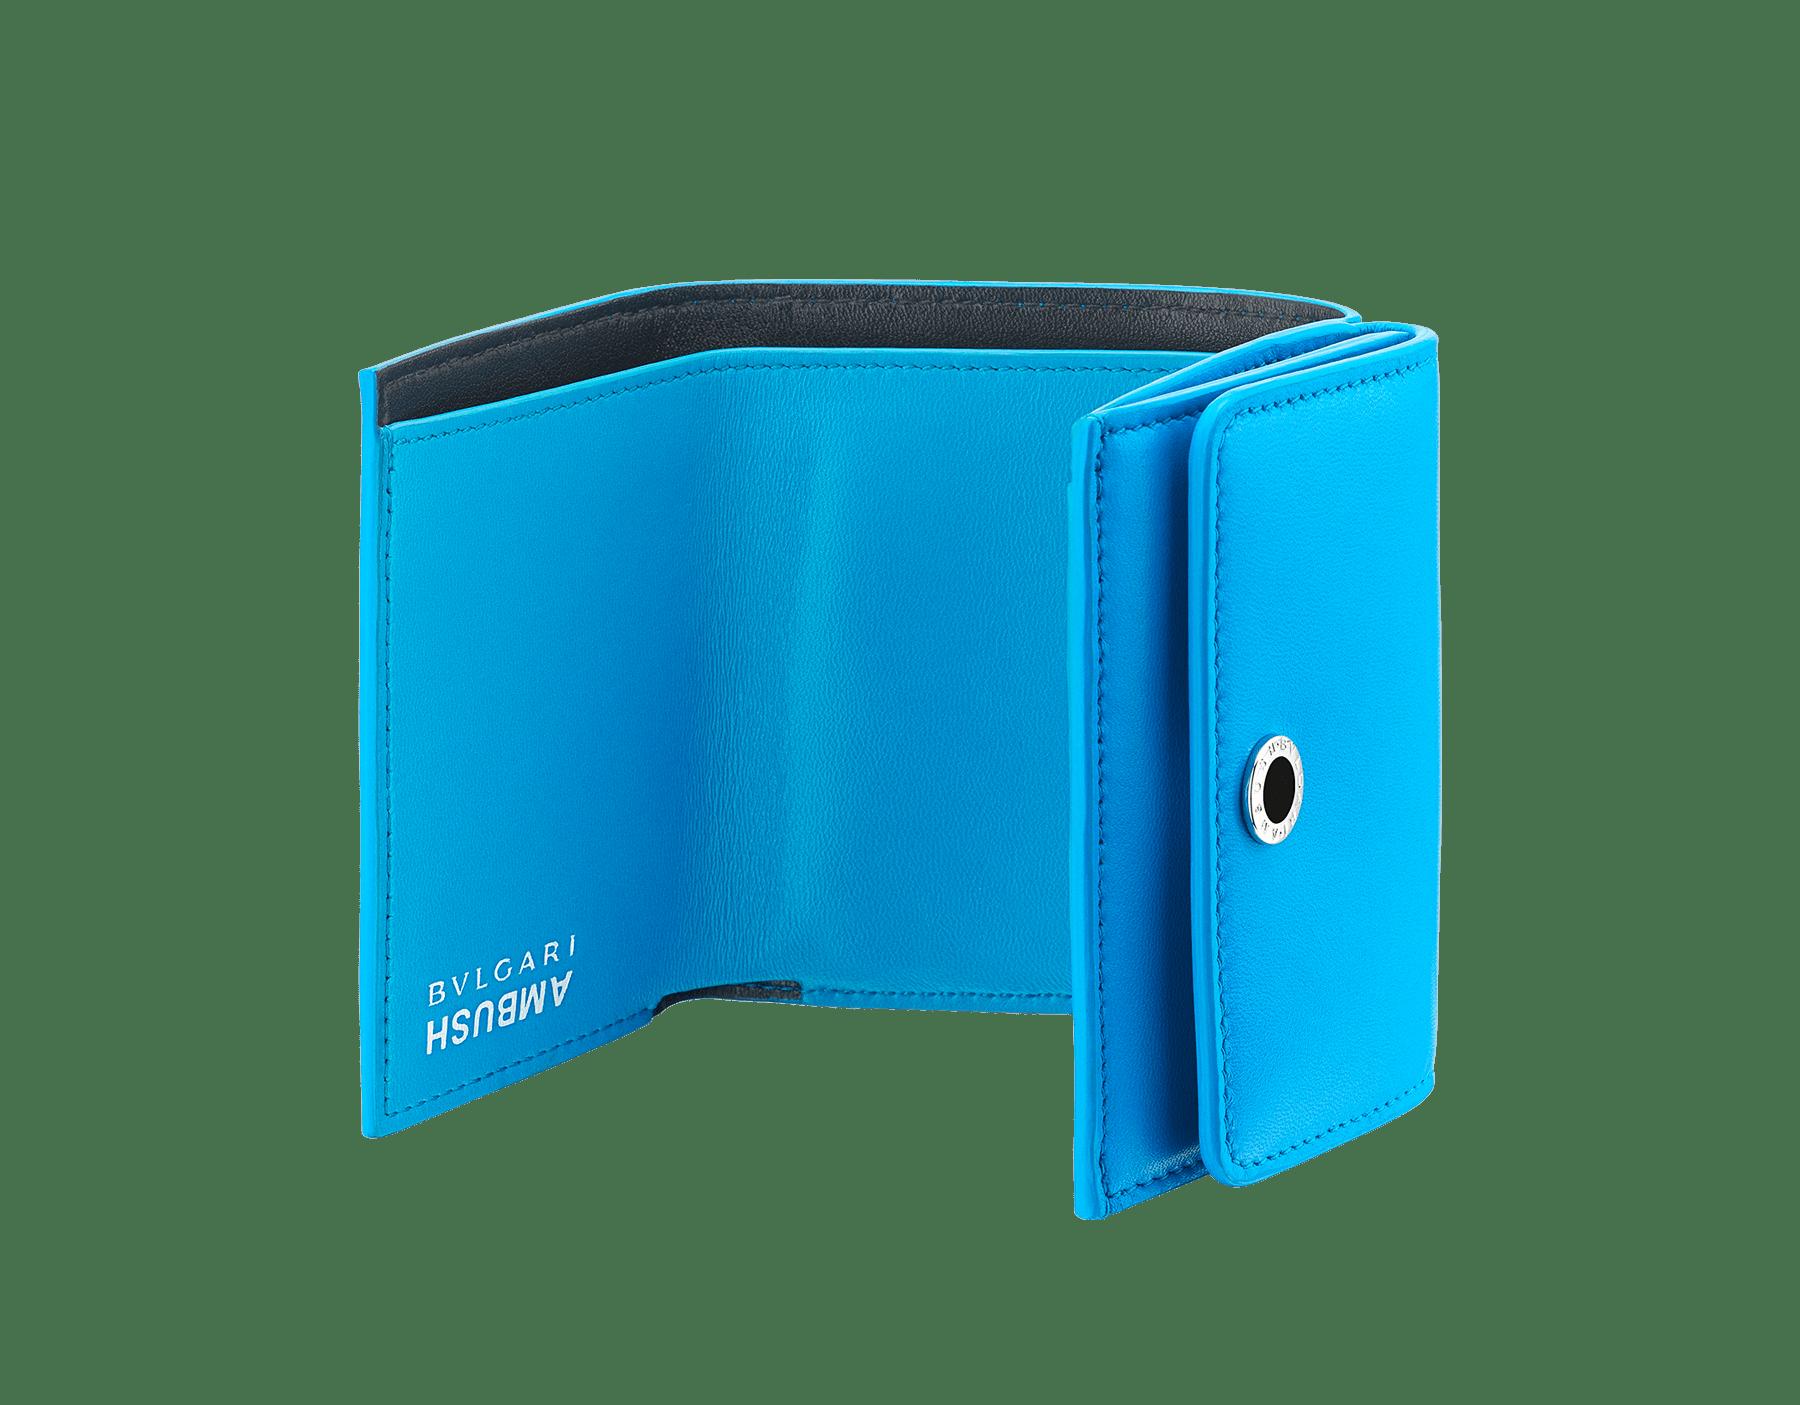 Kompaktes Ambush x Bvlgari Mini-Portemonnaie aus leuchtend blauem Nappaleder. BVLGARI AMBUSH Logodekor aus palladiumbeschichtetem Messing mit schwarzer Emaille auf der einen und besonderer BVLGARI AMBUSH Logoprint auf der anderen Seite. Limited edition. YA-MINICOMPACT image 2